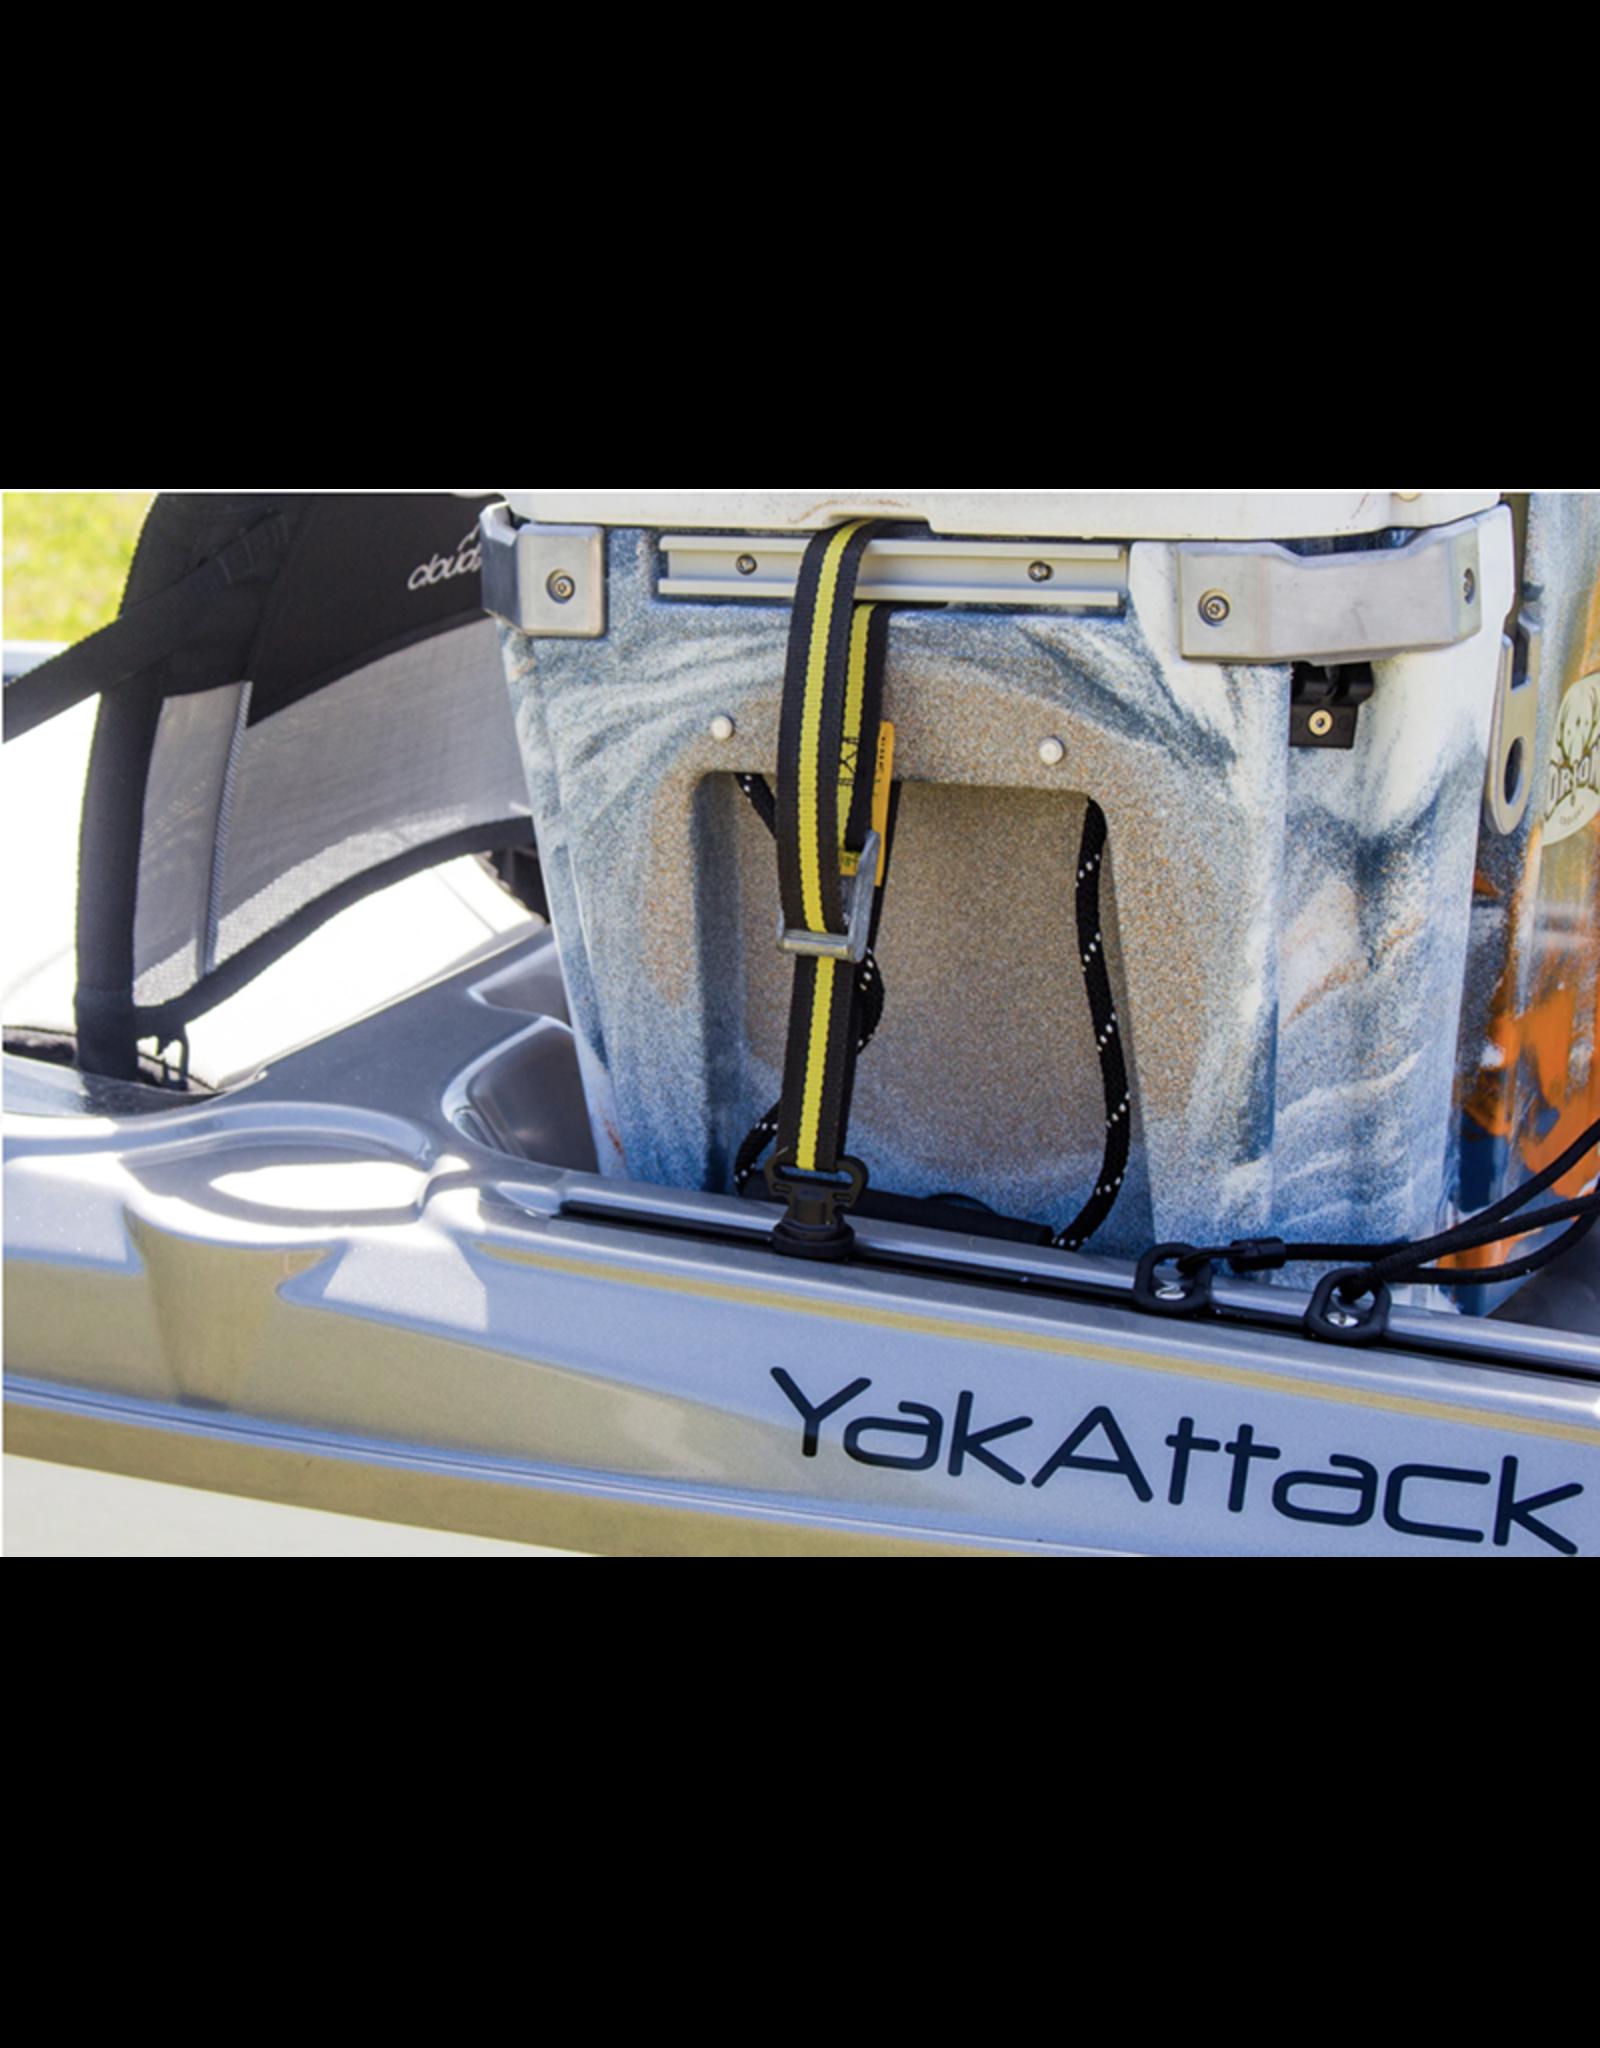 YakAttack Vertical Tie Down